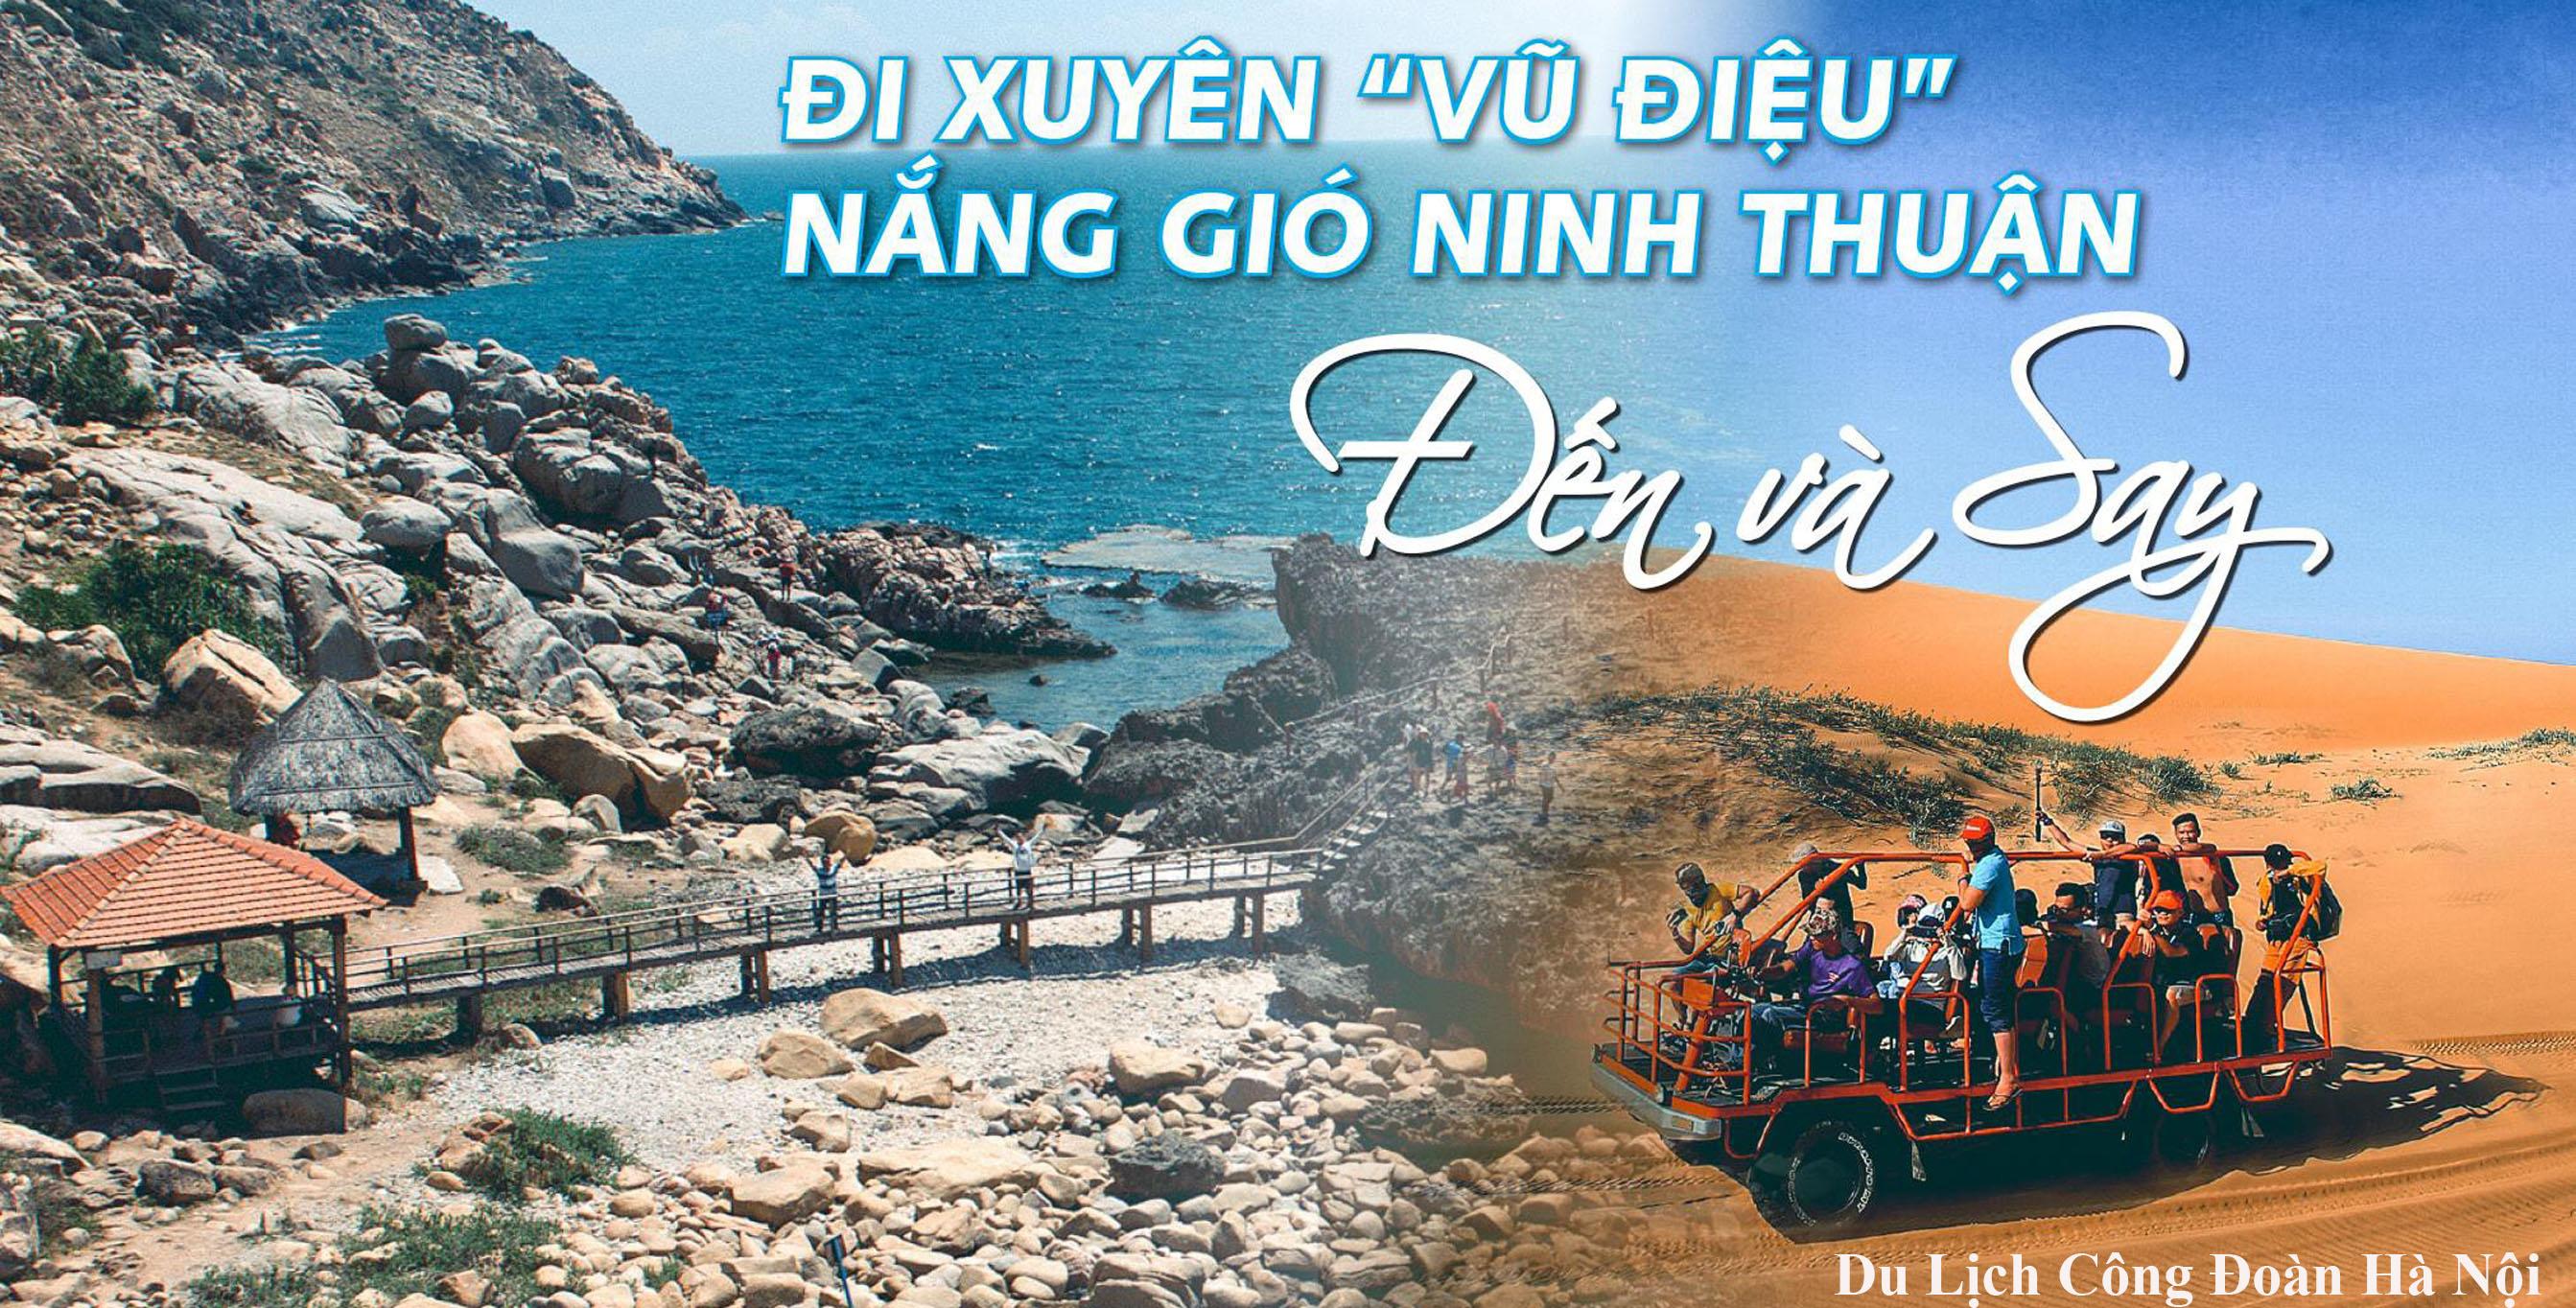 Hà Nội - Mũi Né - Ninh Thuận - Nha Trang - Hà Nội